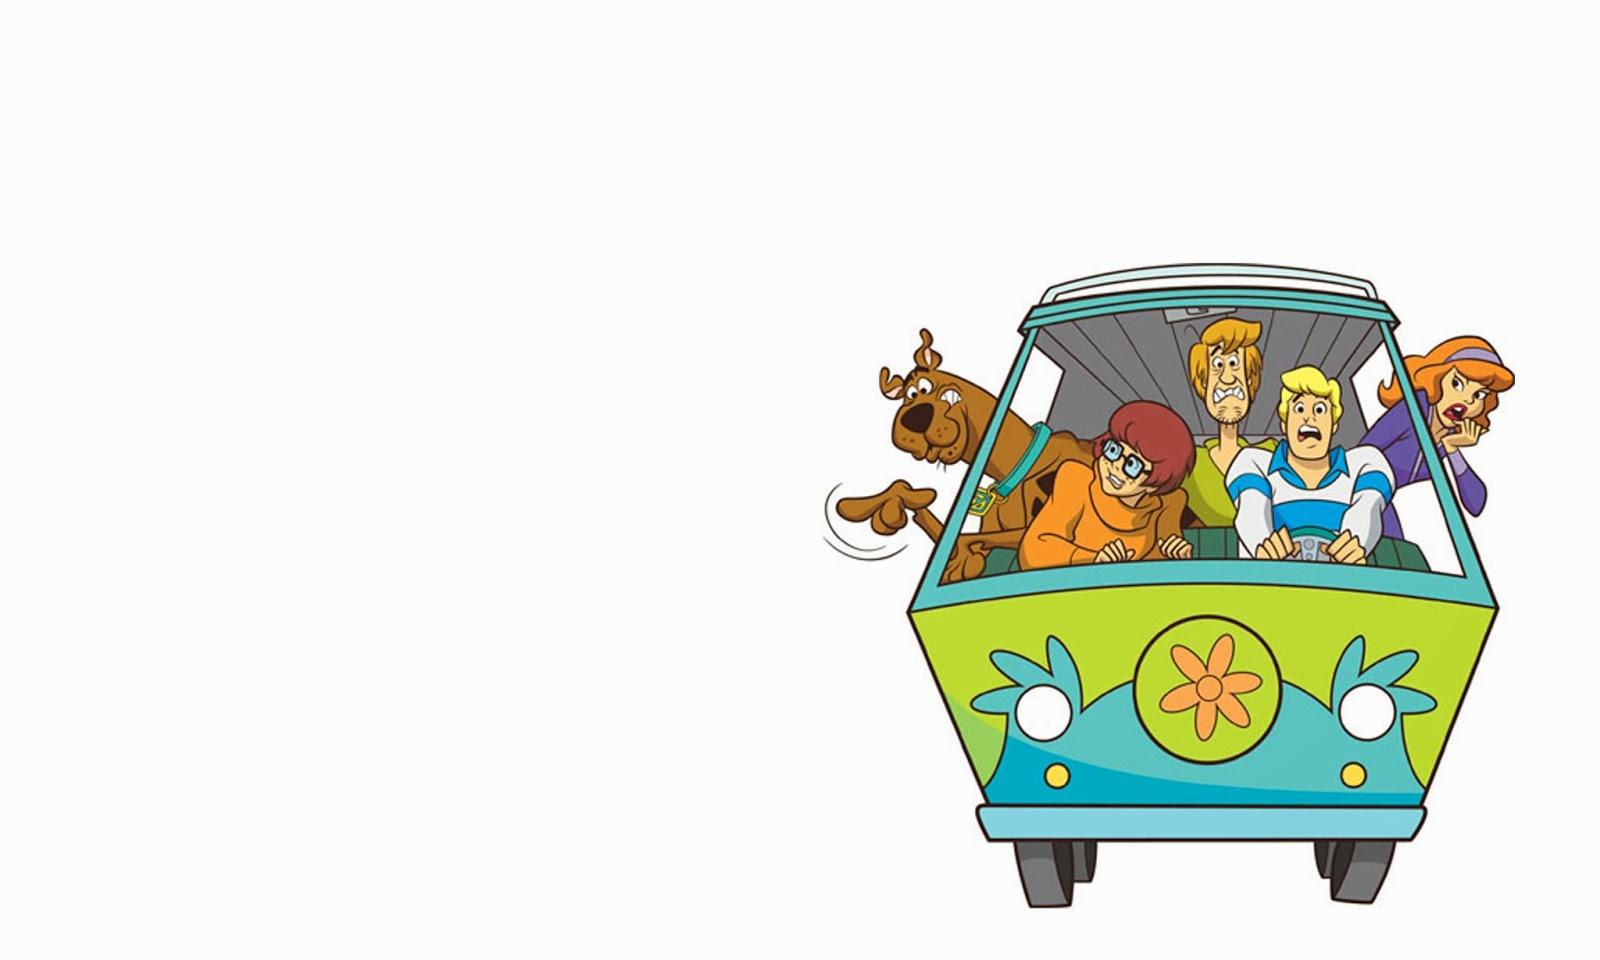 Scooby Doo Wallpaper 17   1600 X 960 stmednet 1600x960